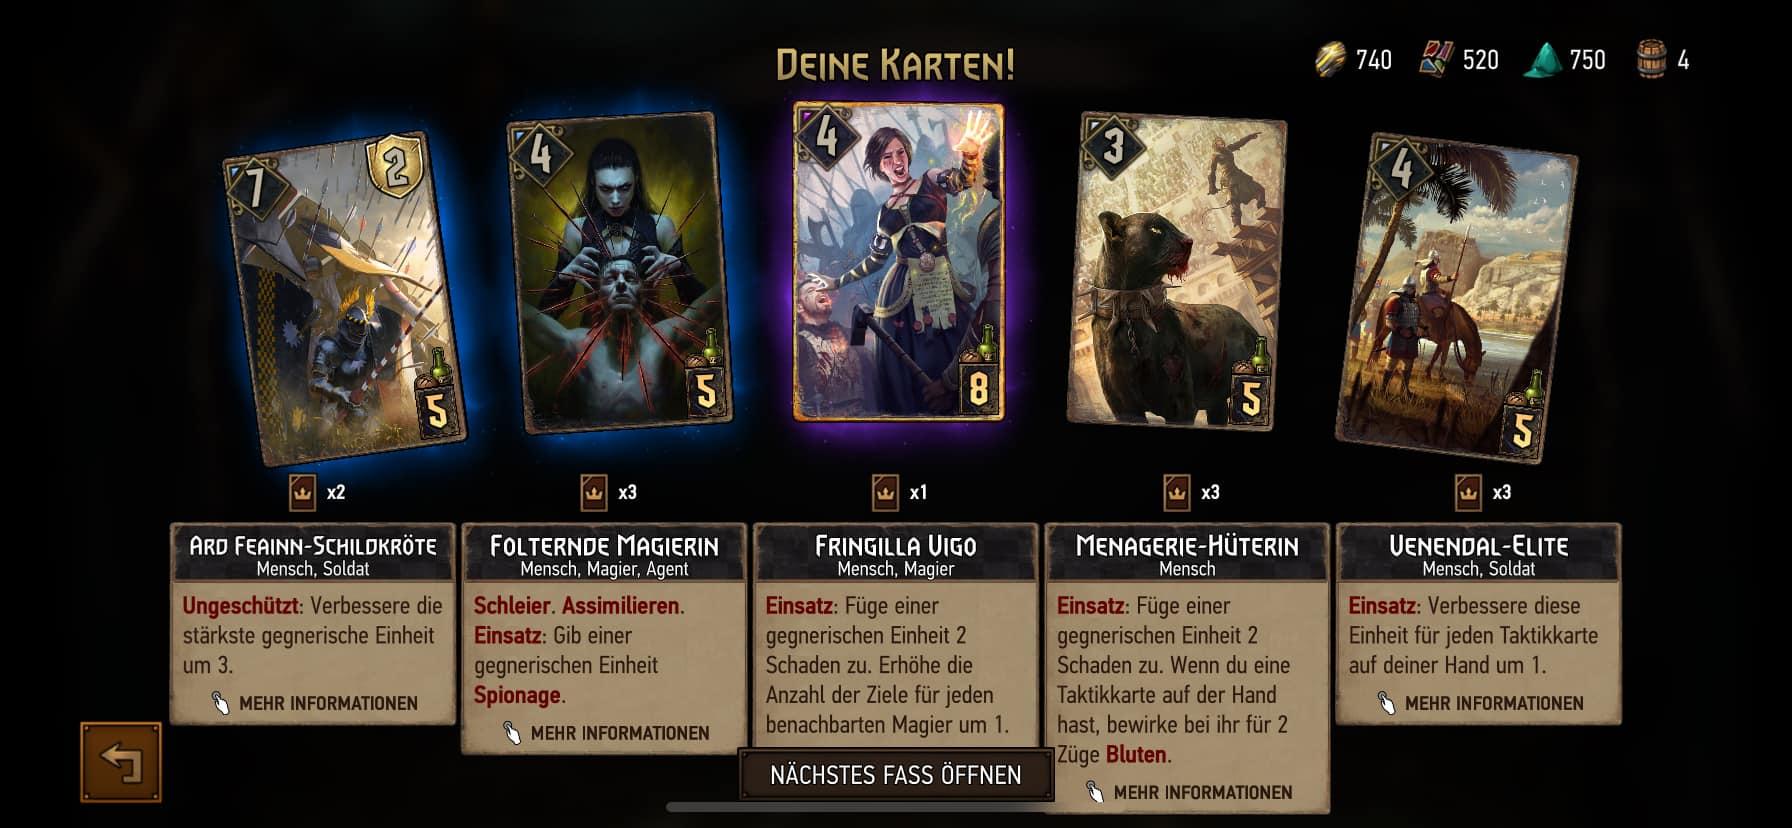 Fünf Spielkarten, die aus einem Fass (Karten-Boosterpack) gezogen wurden.